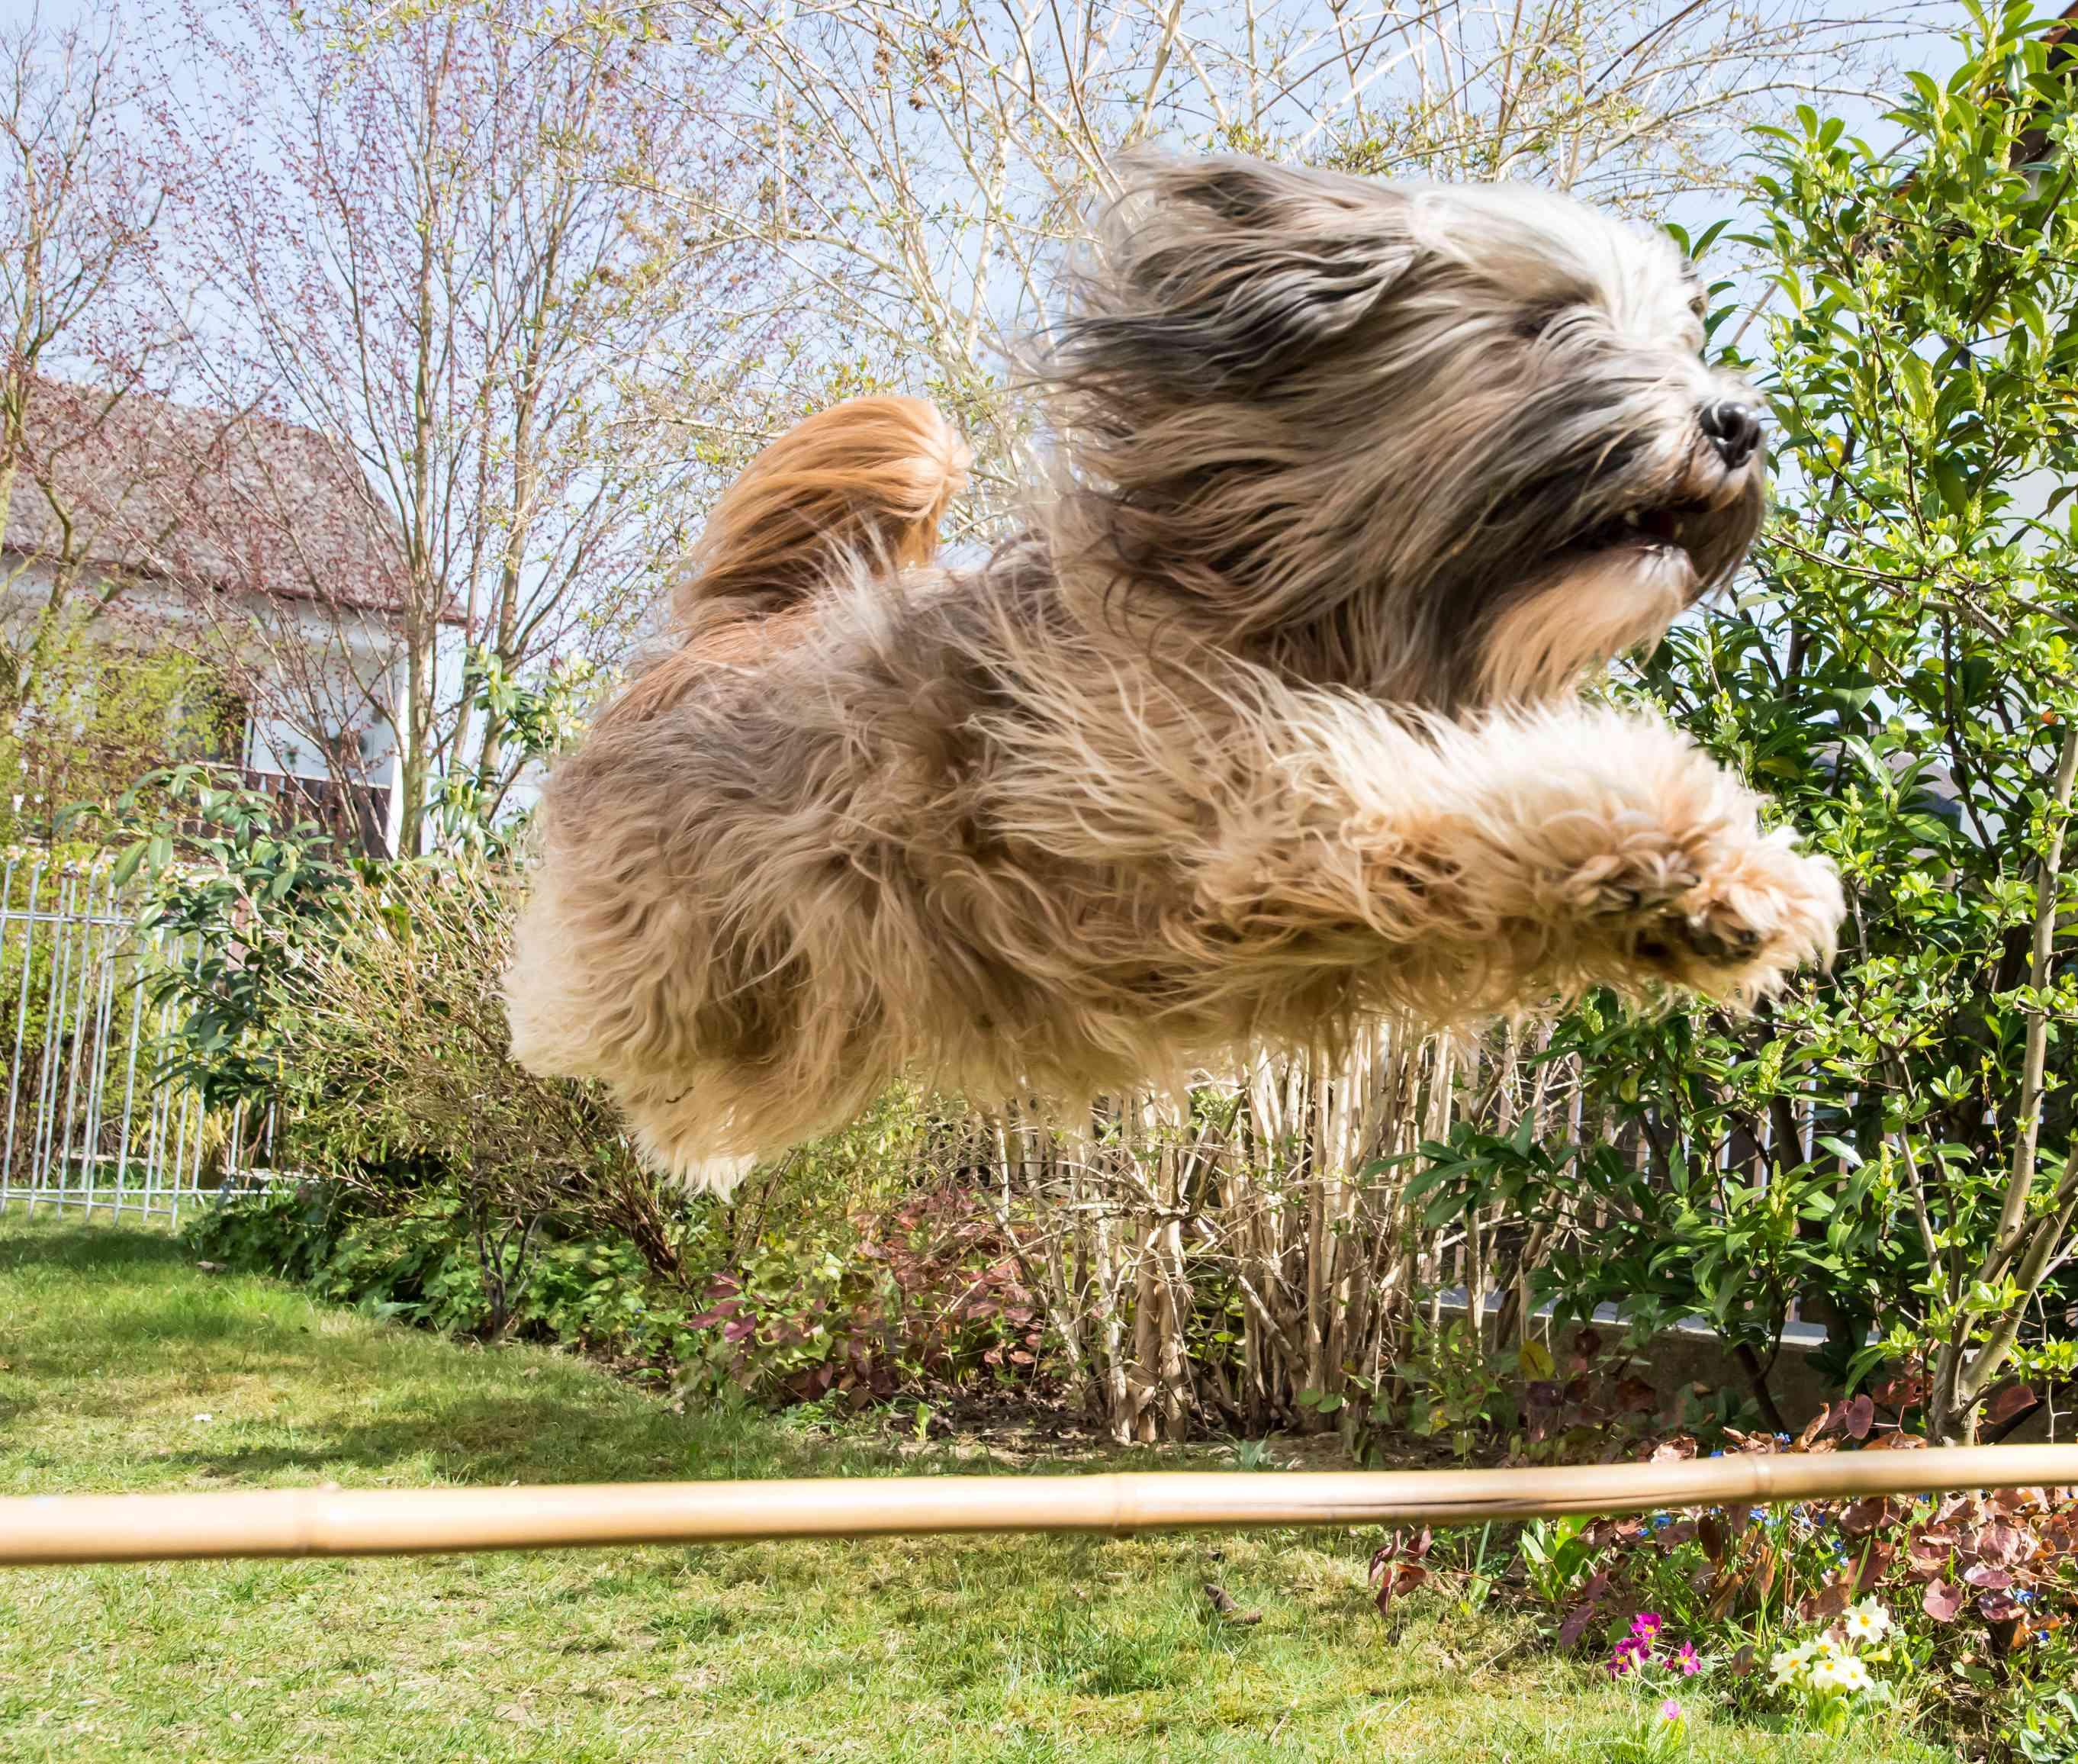 Tibetan Terrier going over a jump